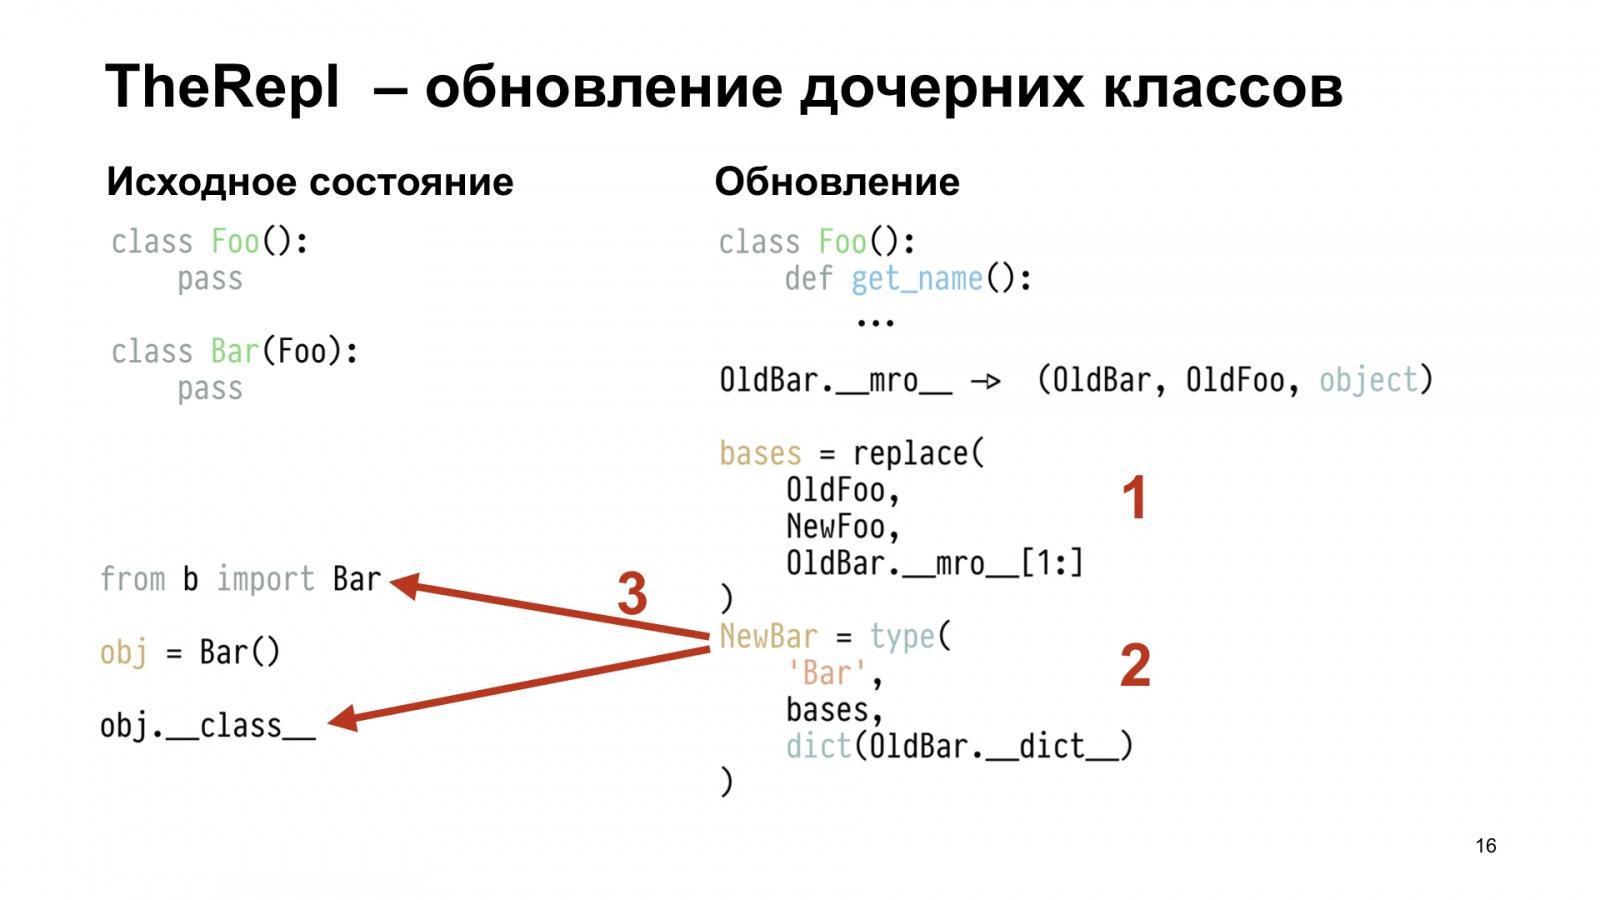 Бесполезный REPL. Доклад Яндекса - 16